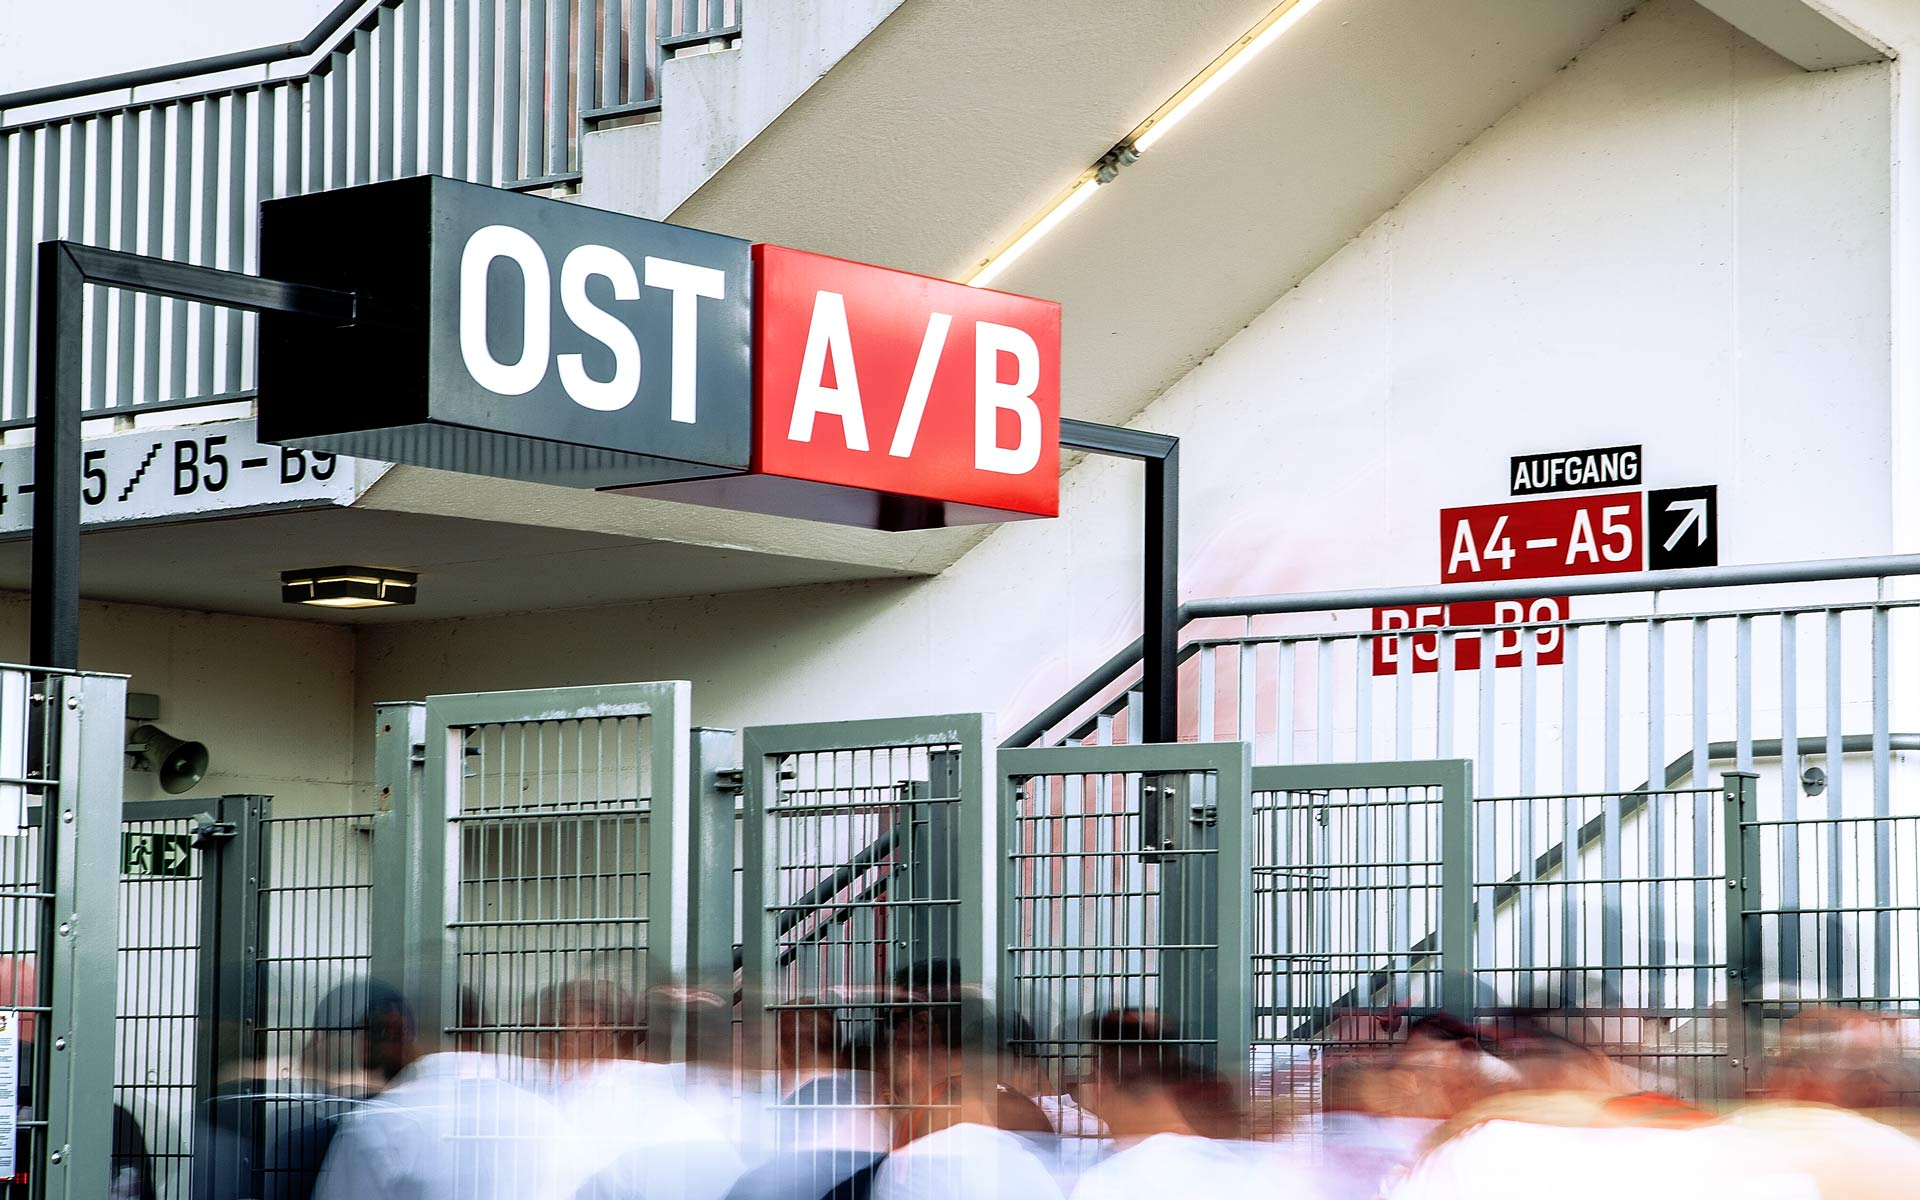 Bayer 04, BayArena Orientierungssystem und Branding, Eingangsbeschilderung Ost